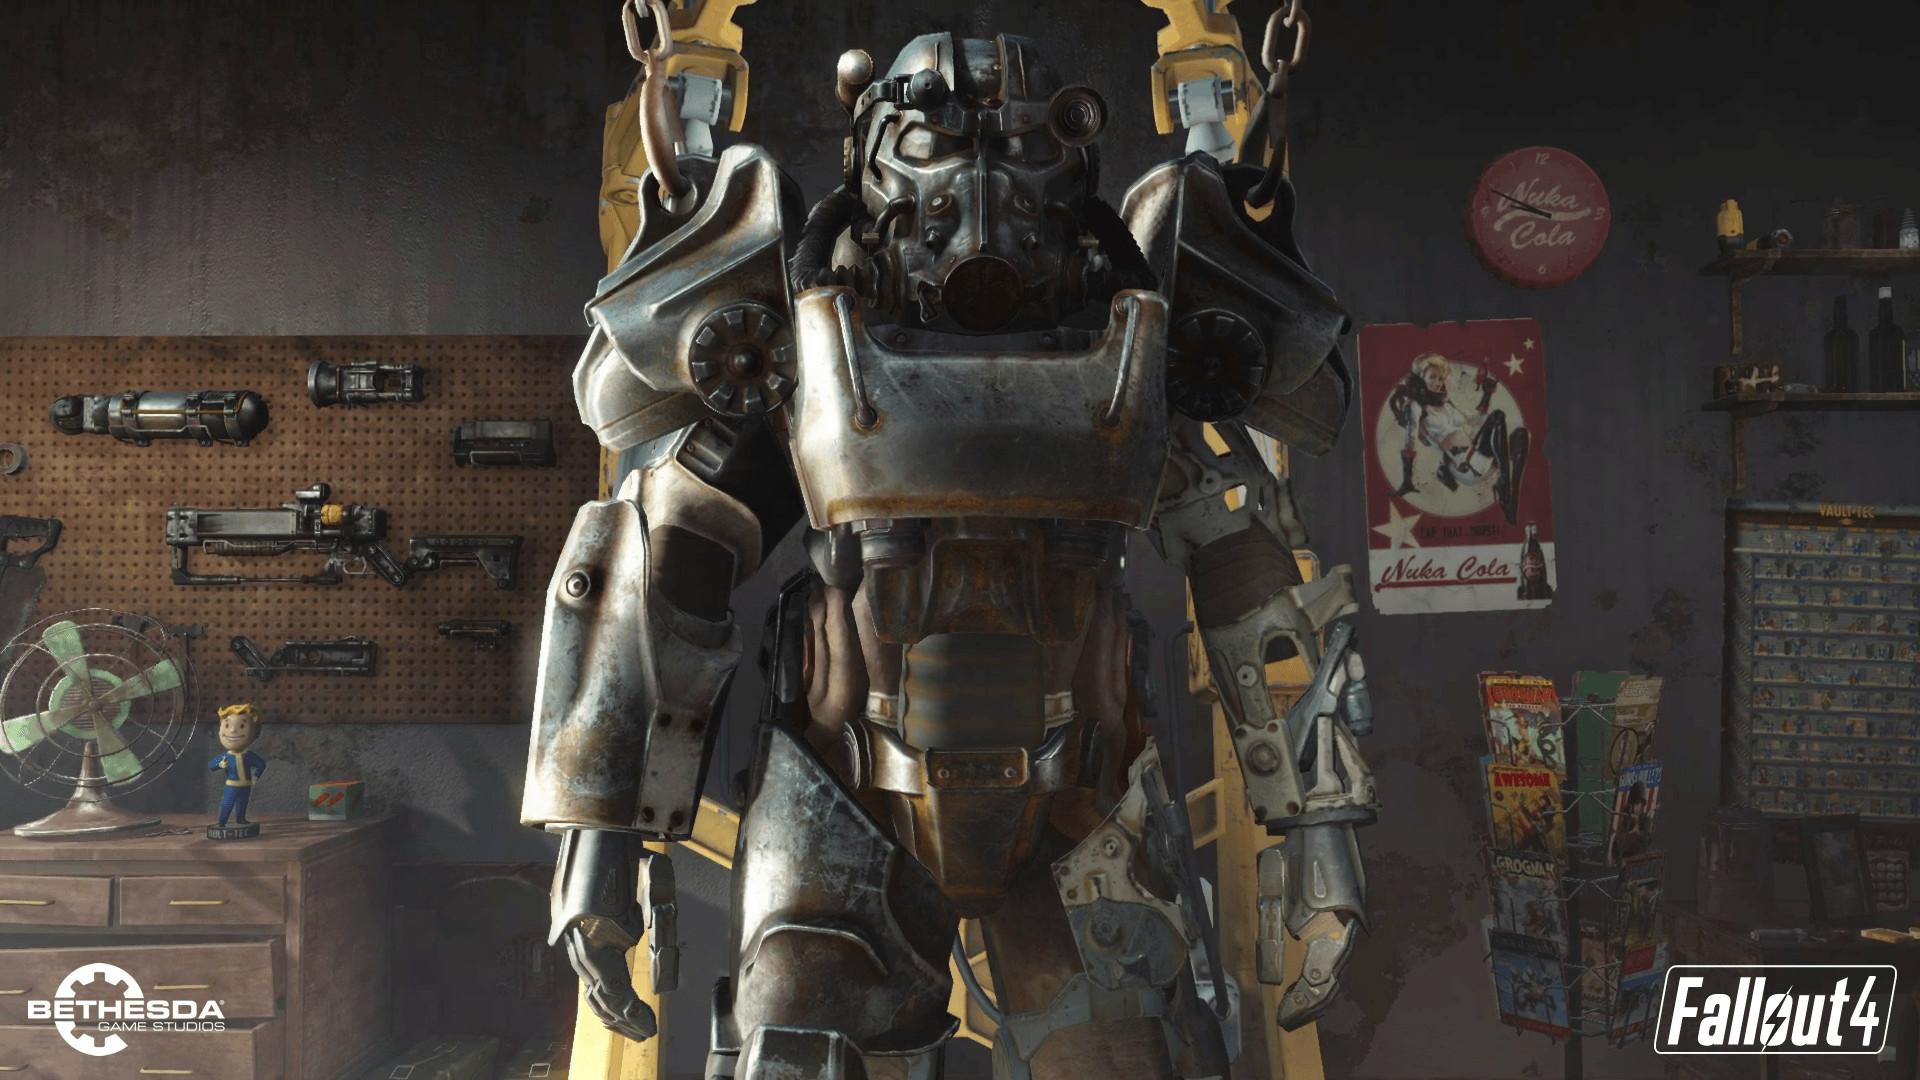 Fallout 4 Piper Wallpaper – WallpaperSafari